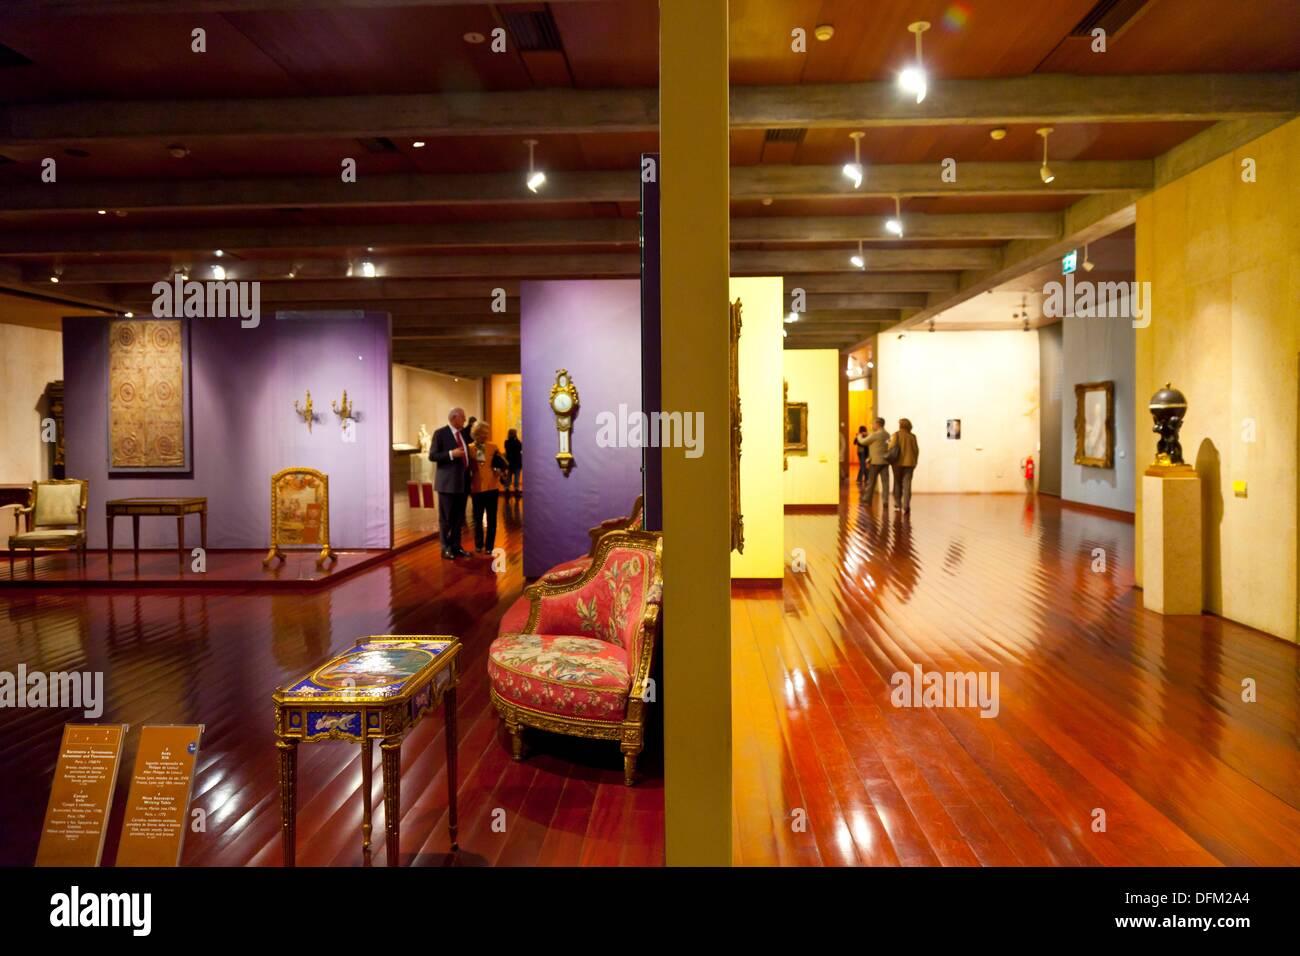 Arti Decorative nel Museo Gulbenkian, Lisbona, Portogallo Immagini Stock